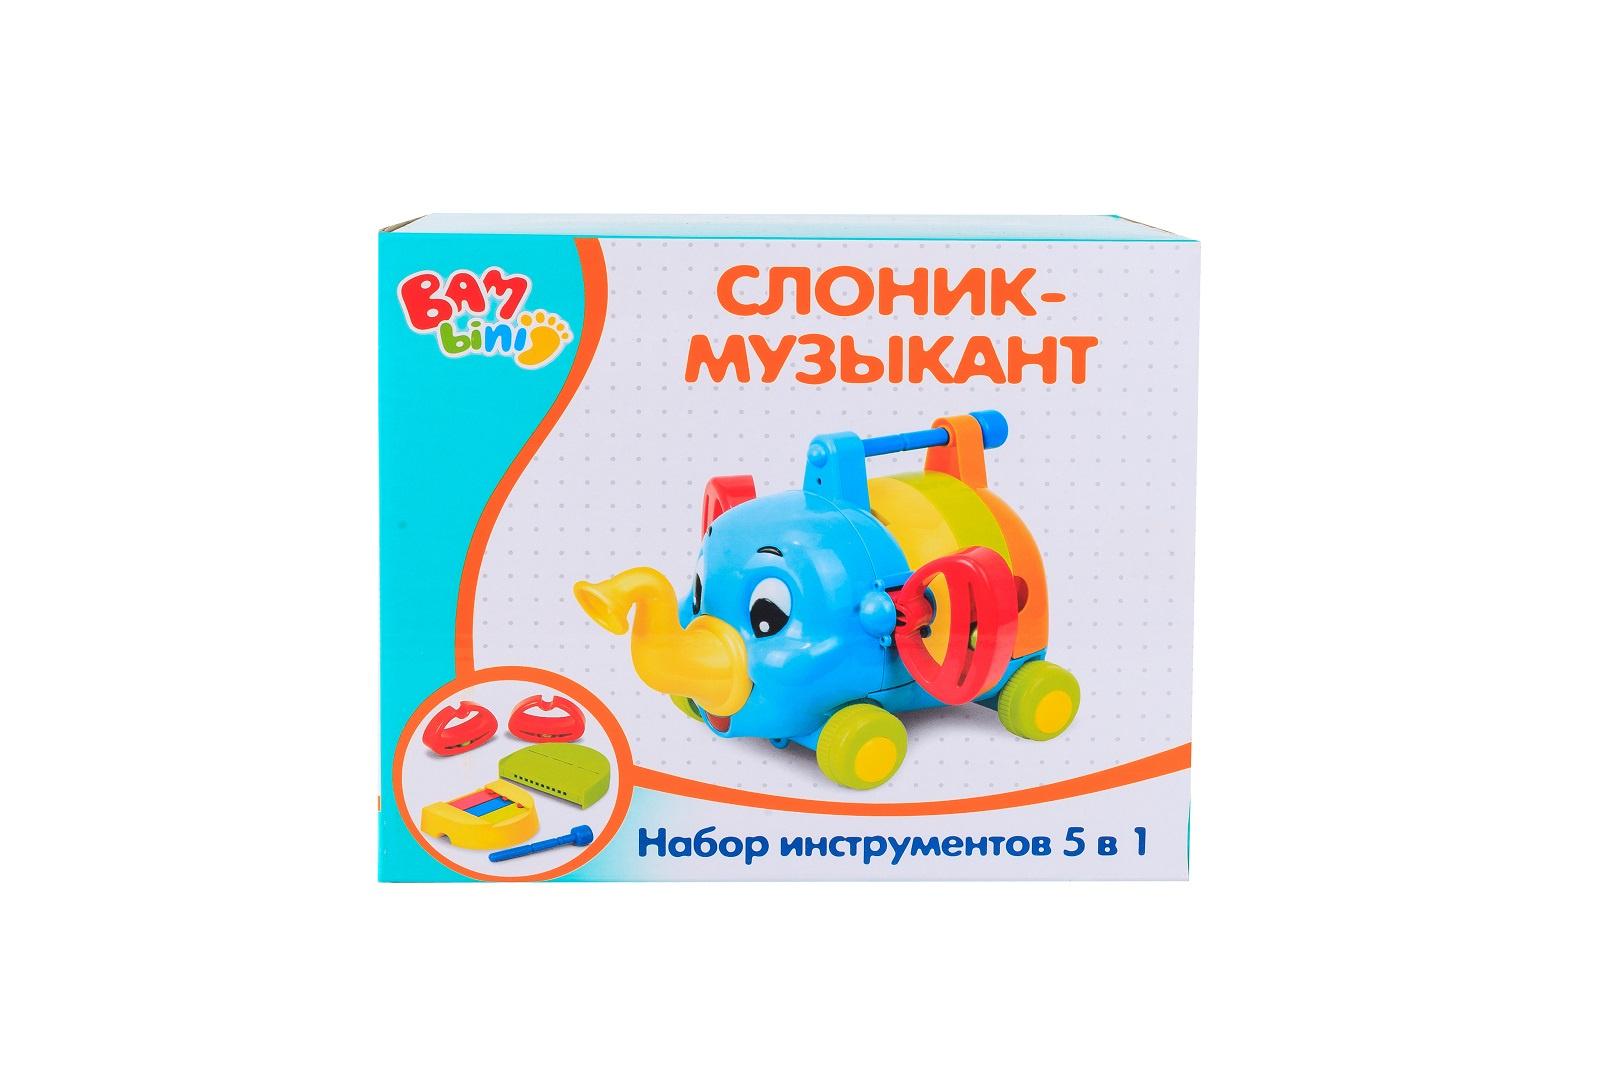 цена на Развивающая игрушка S+S, Музыкальный слоник, 101000950